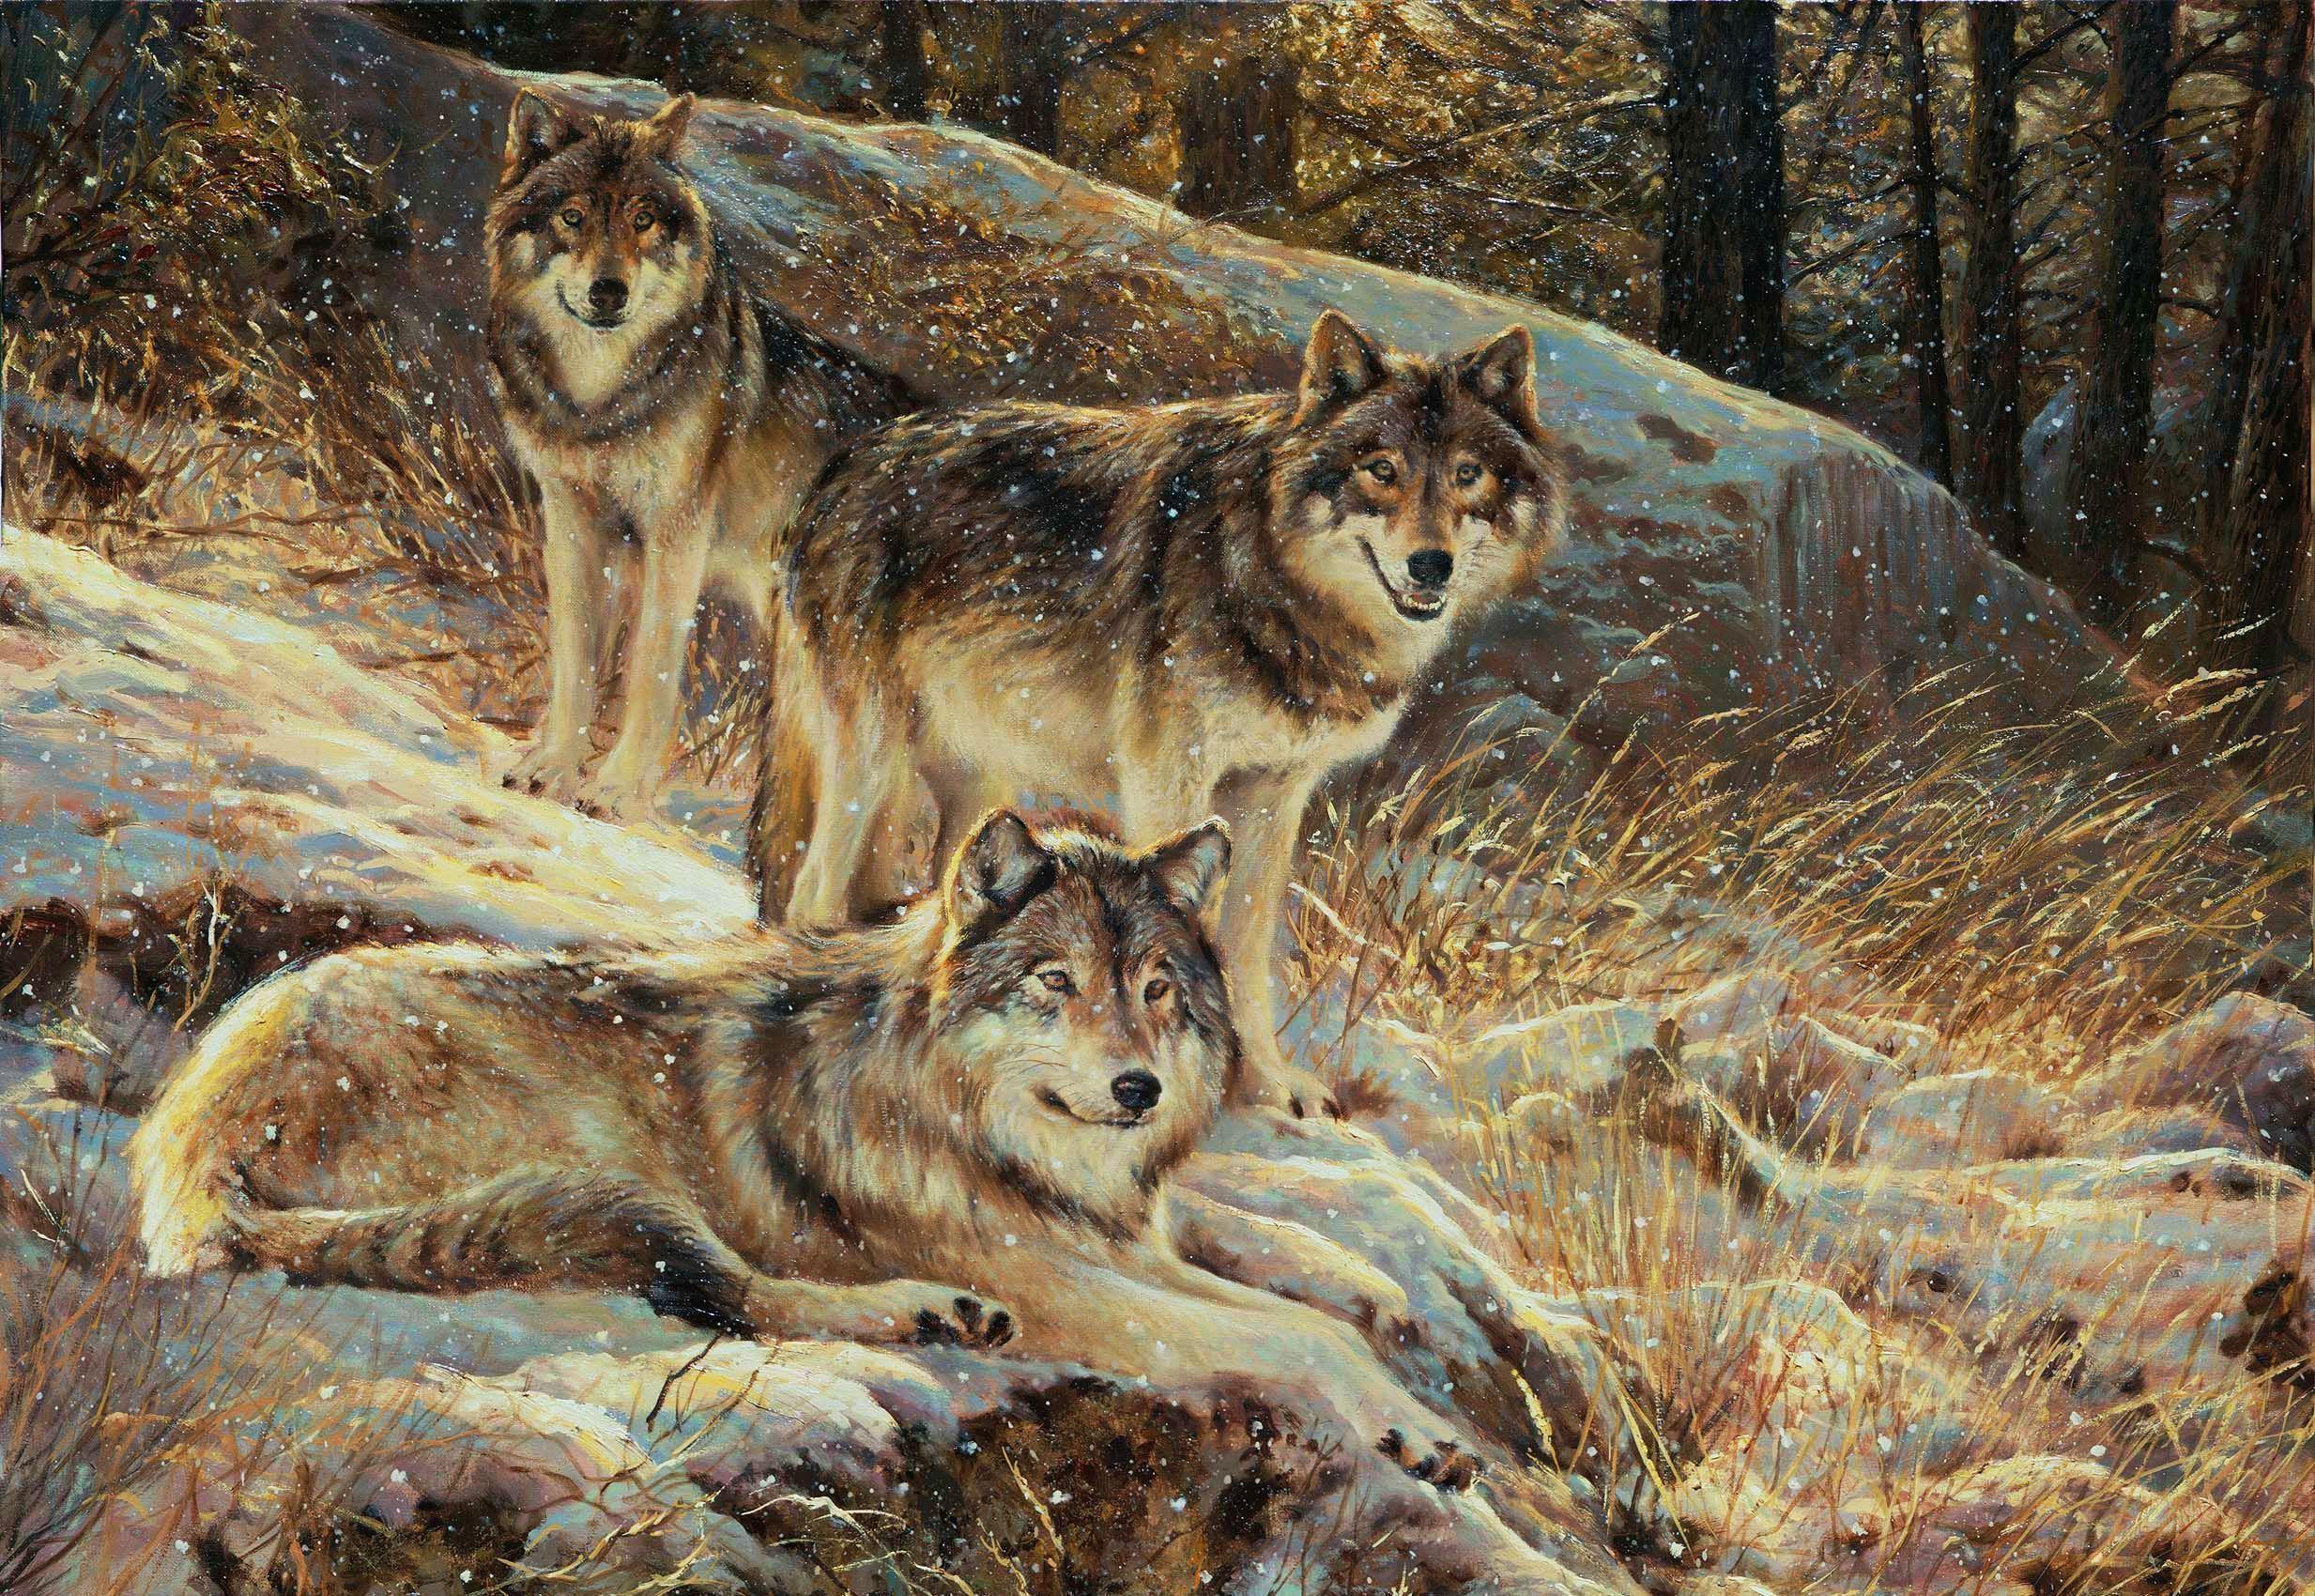 картинки волков исторические видов одежды протяжении